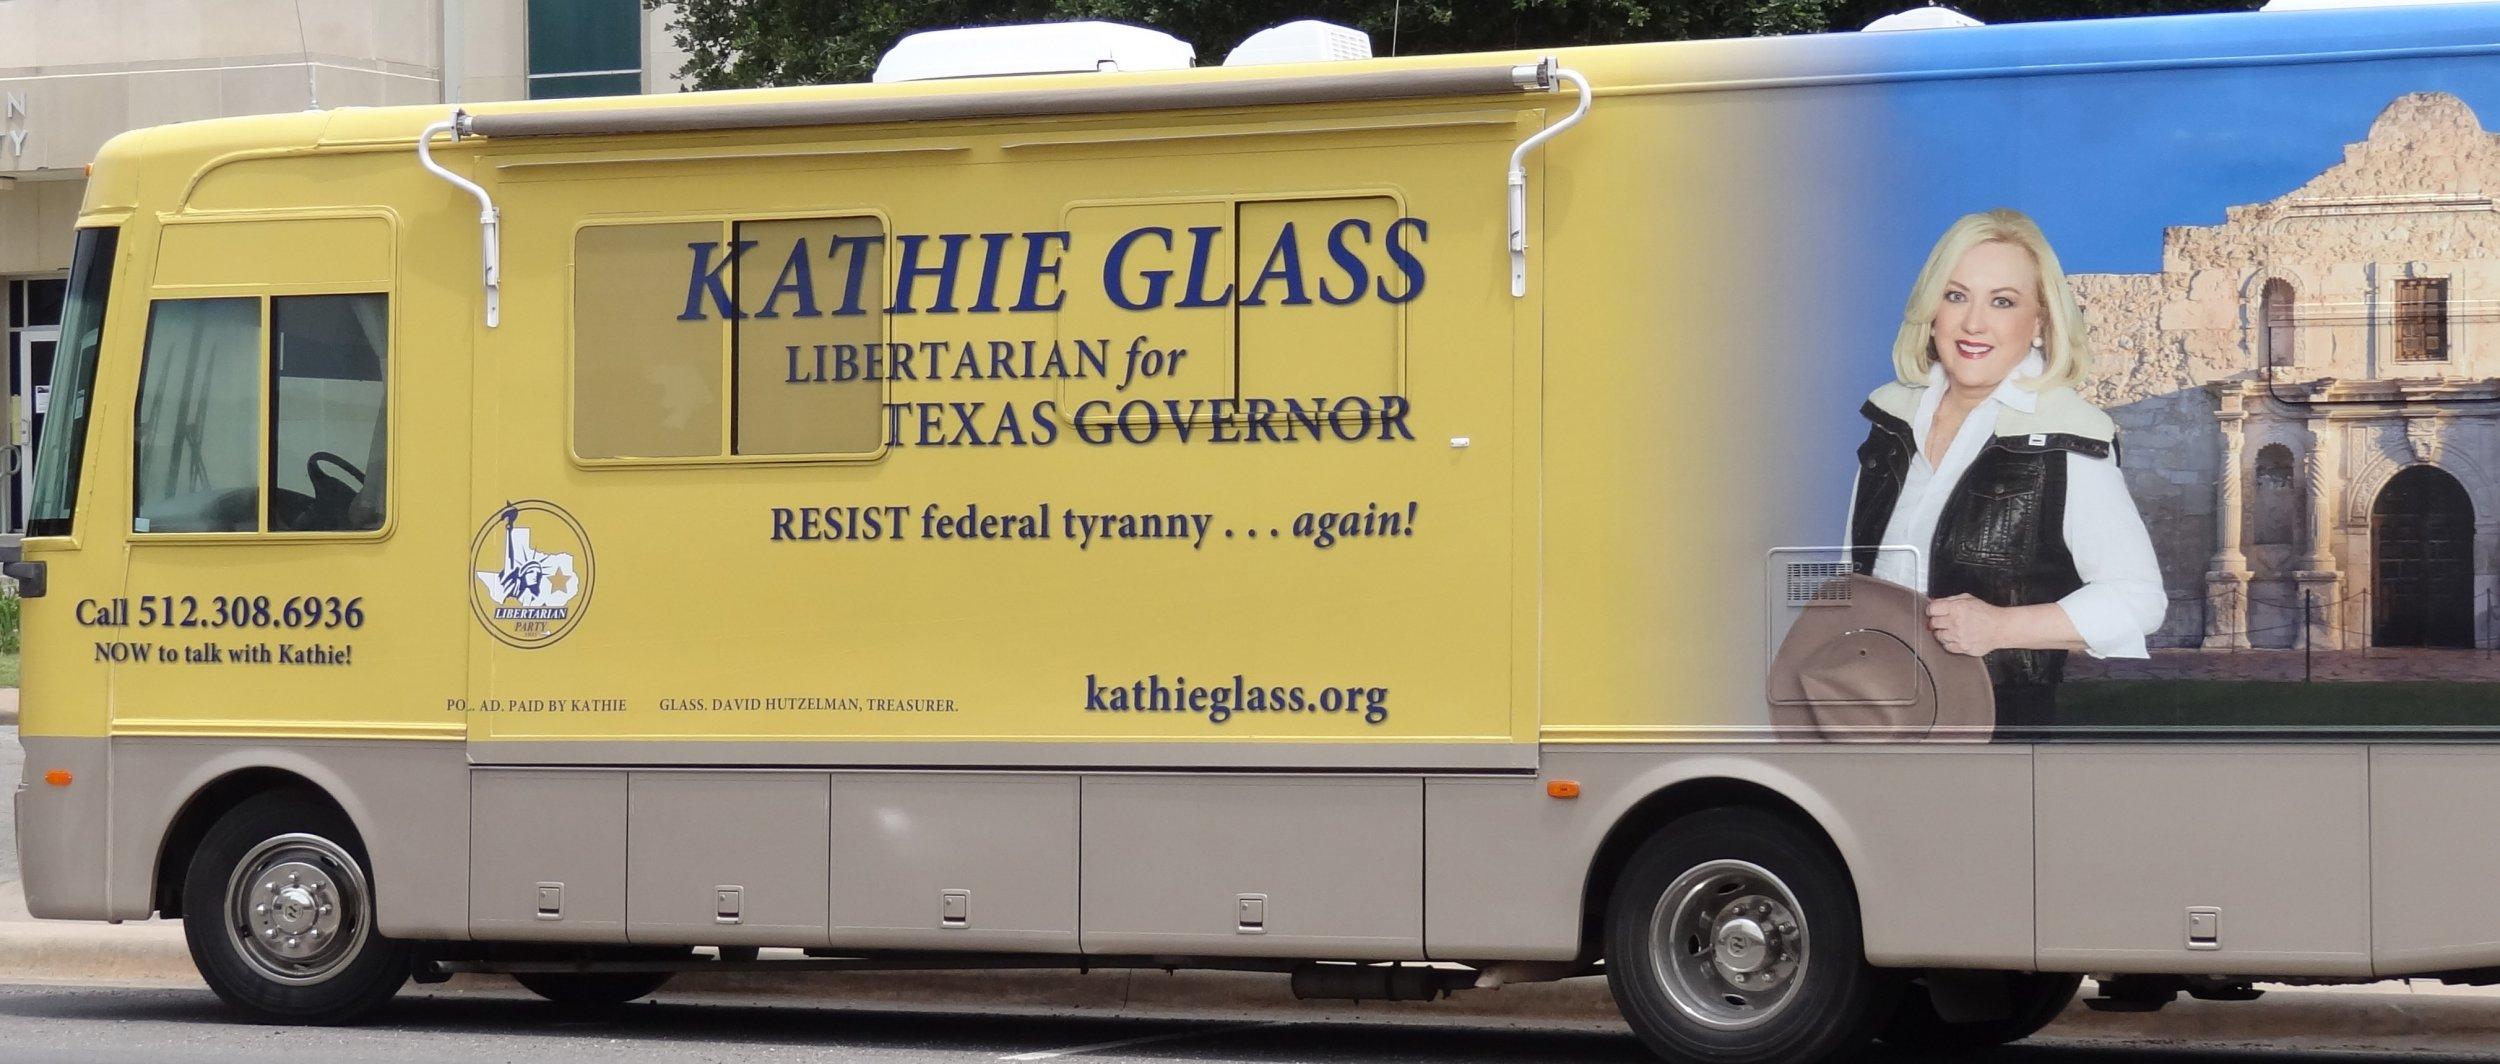 Kathie_Glass_2014_Tour_Bus